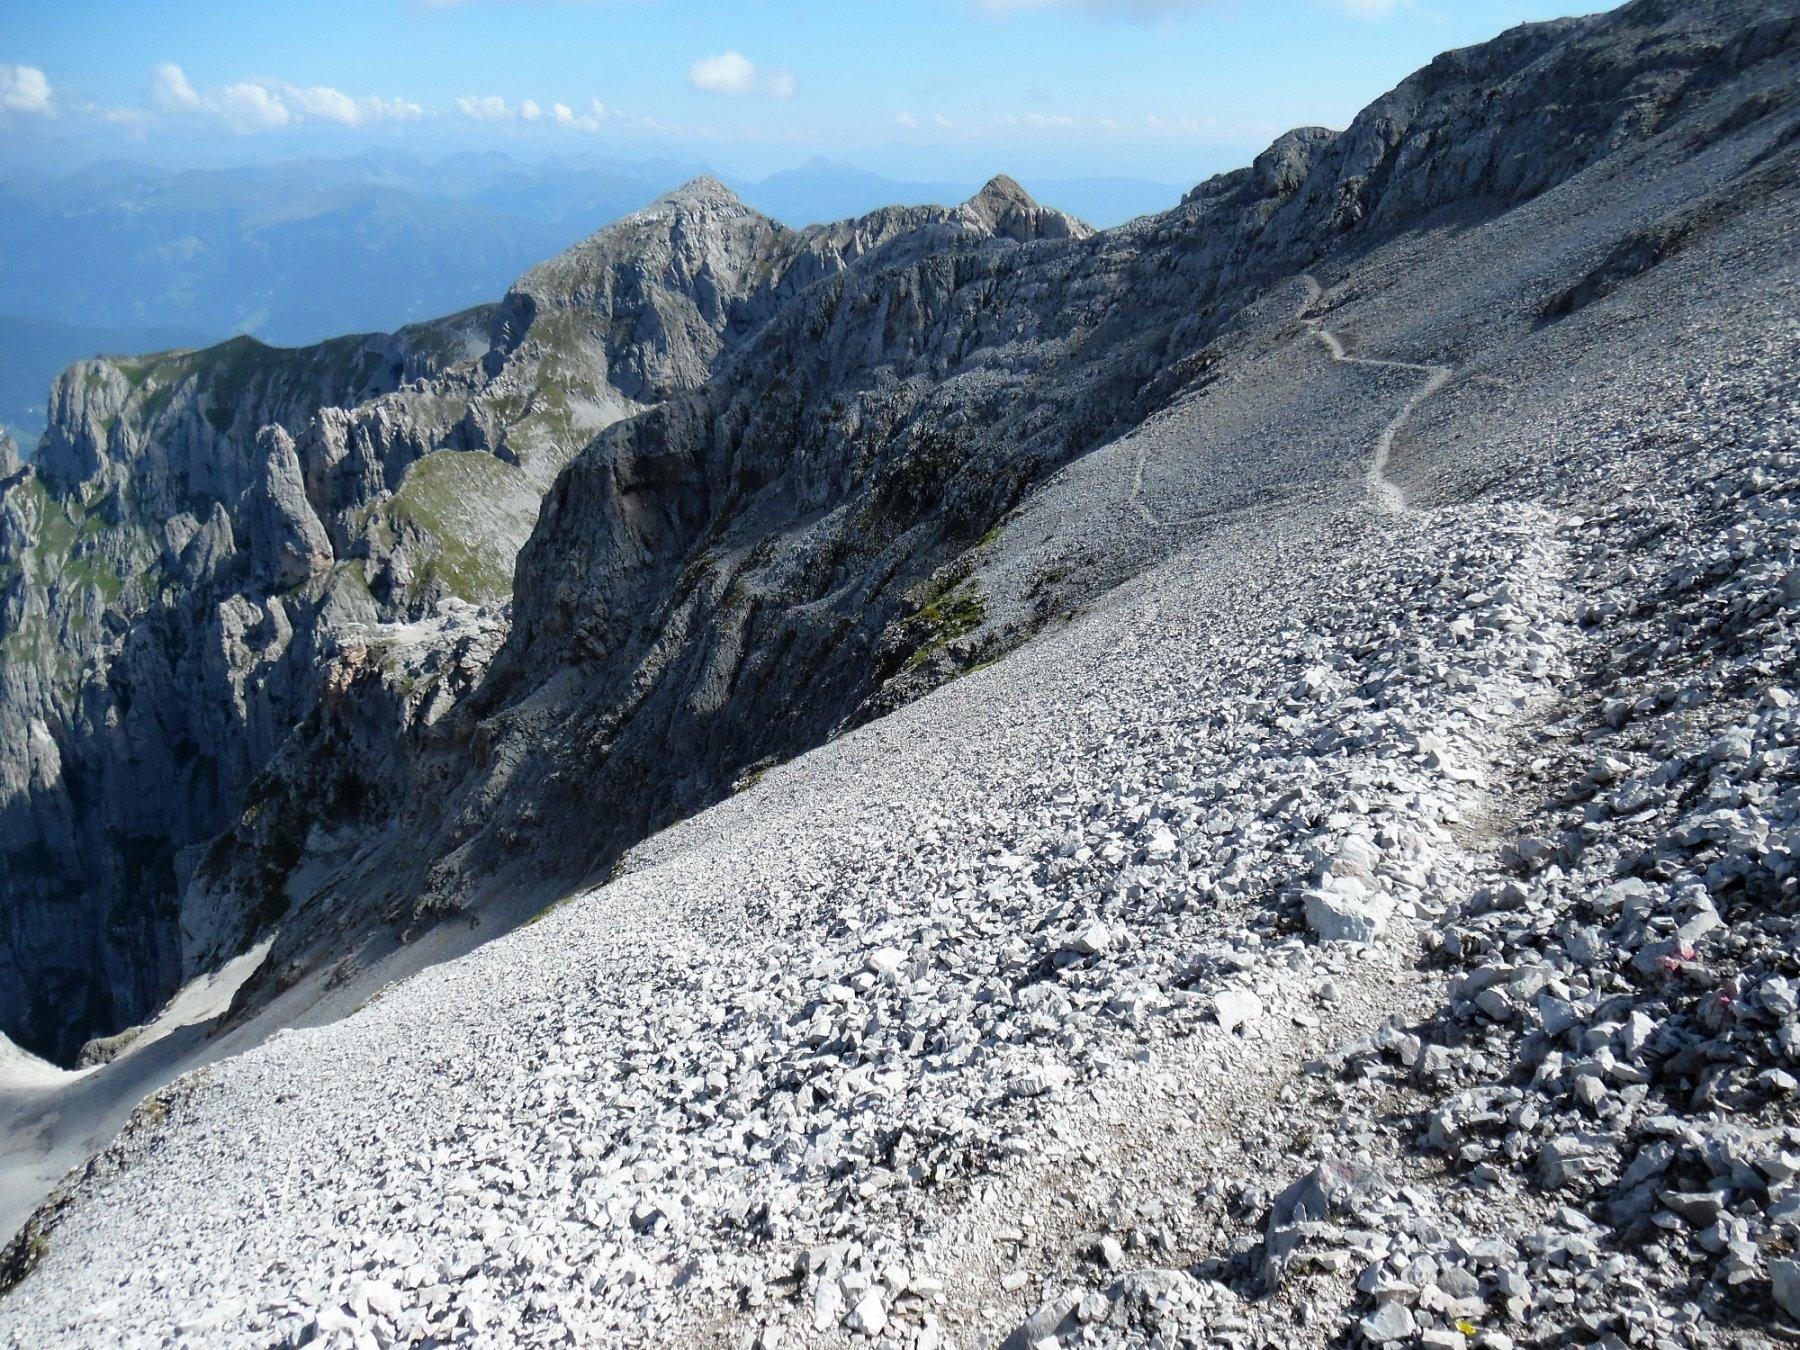 Continuazione del Sentiero Costanzi sotto Cima Sassara